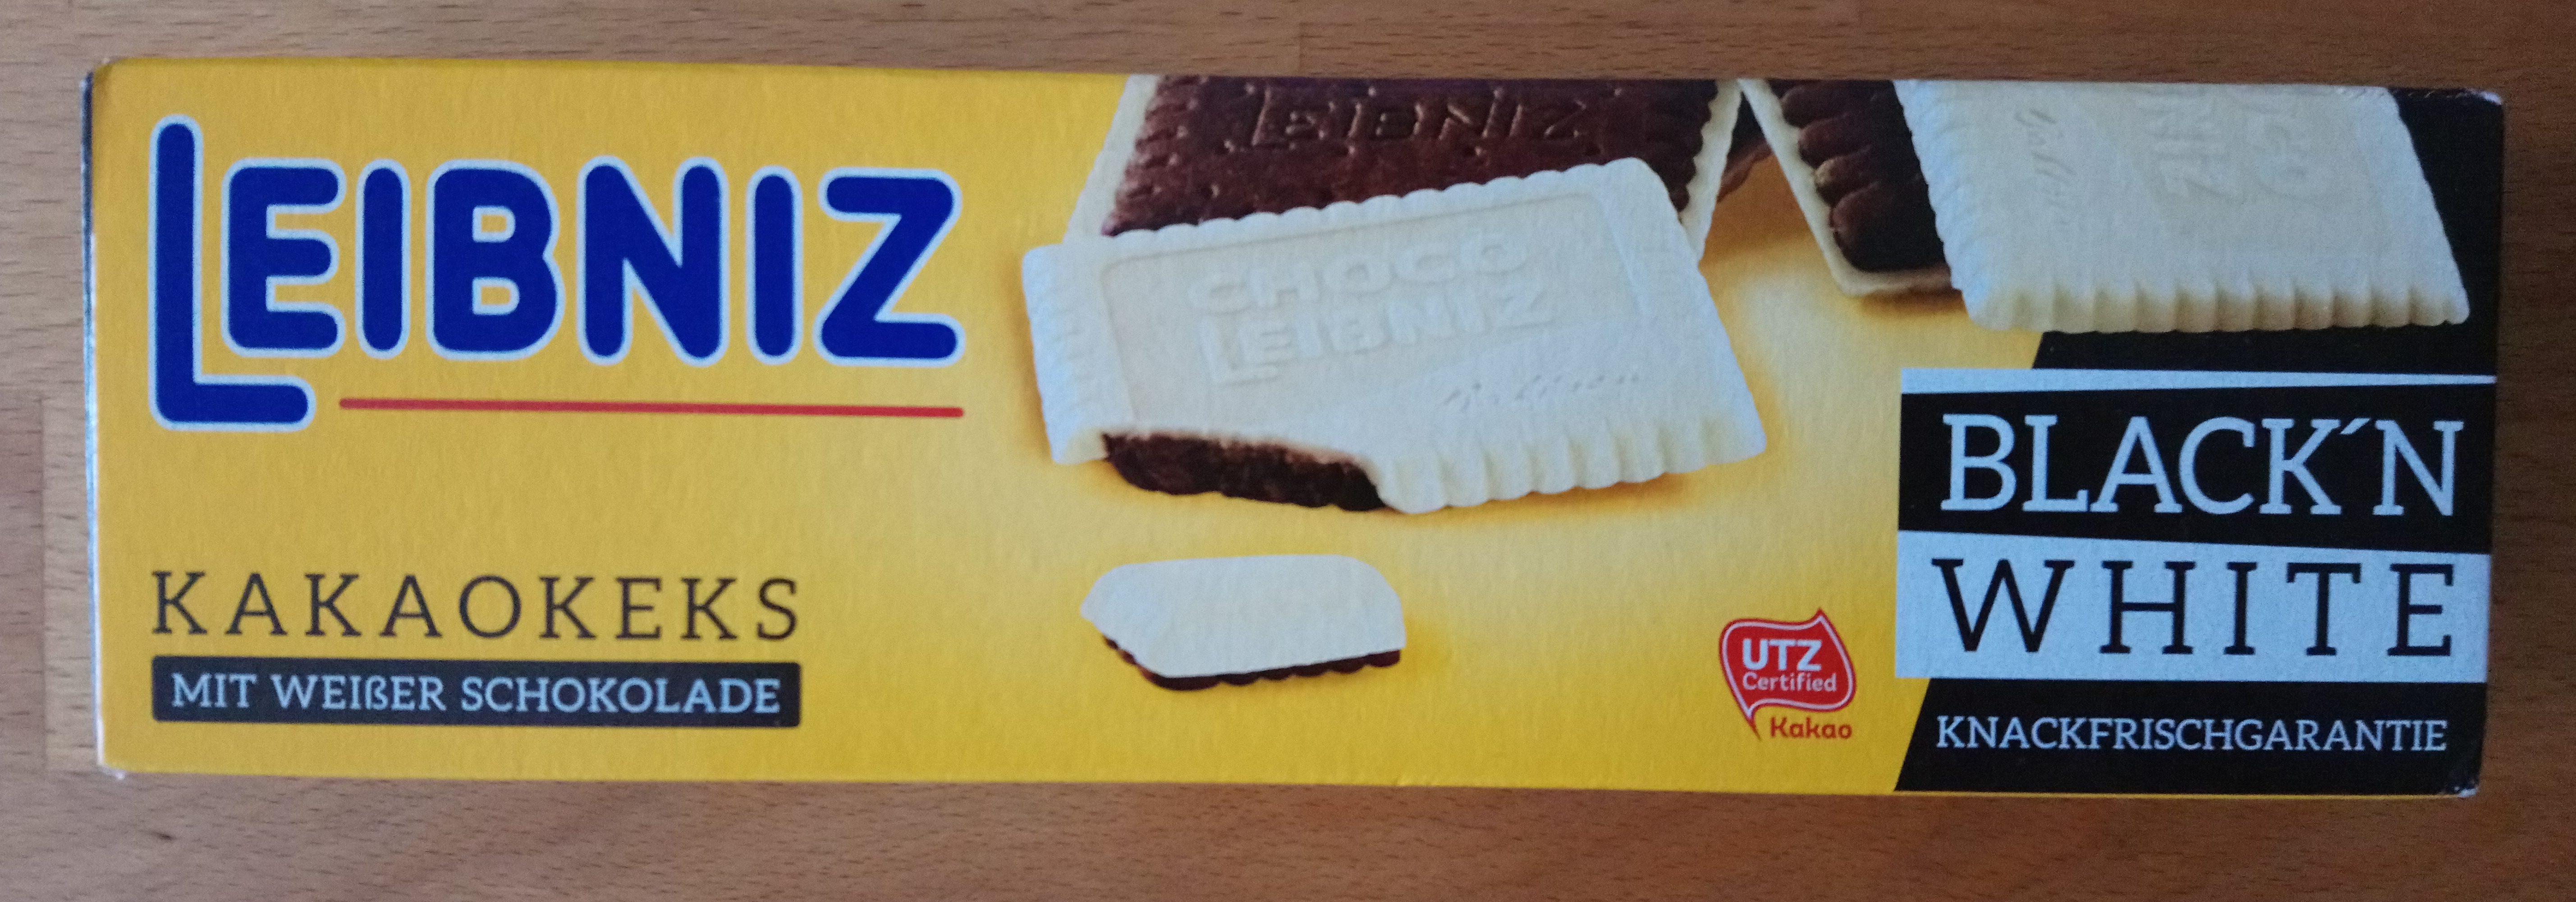 Kakaokeks Black'n White - Produkt